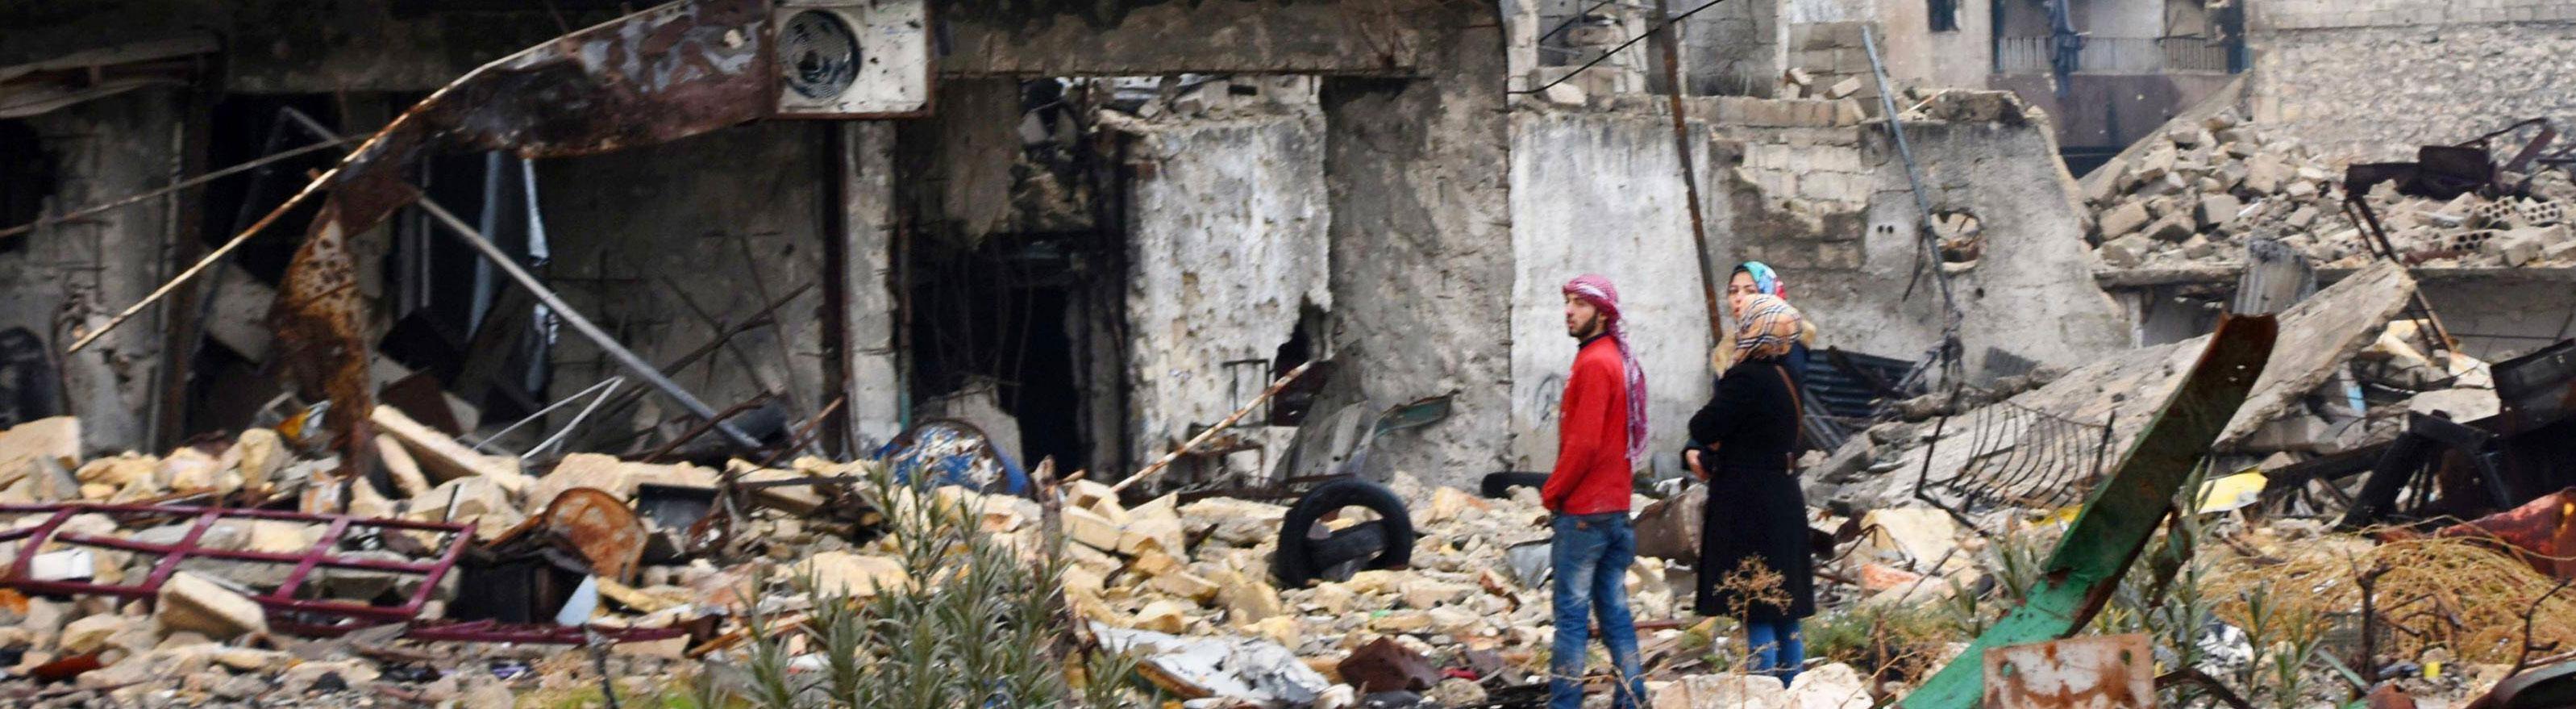 Am 13.12.16 stehen ein Mann und zwei Frauen vor einem Haus, das weitestgehend zerstört ist.